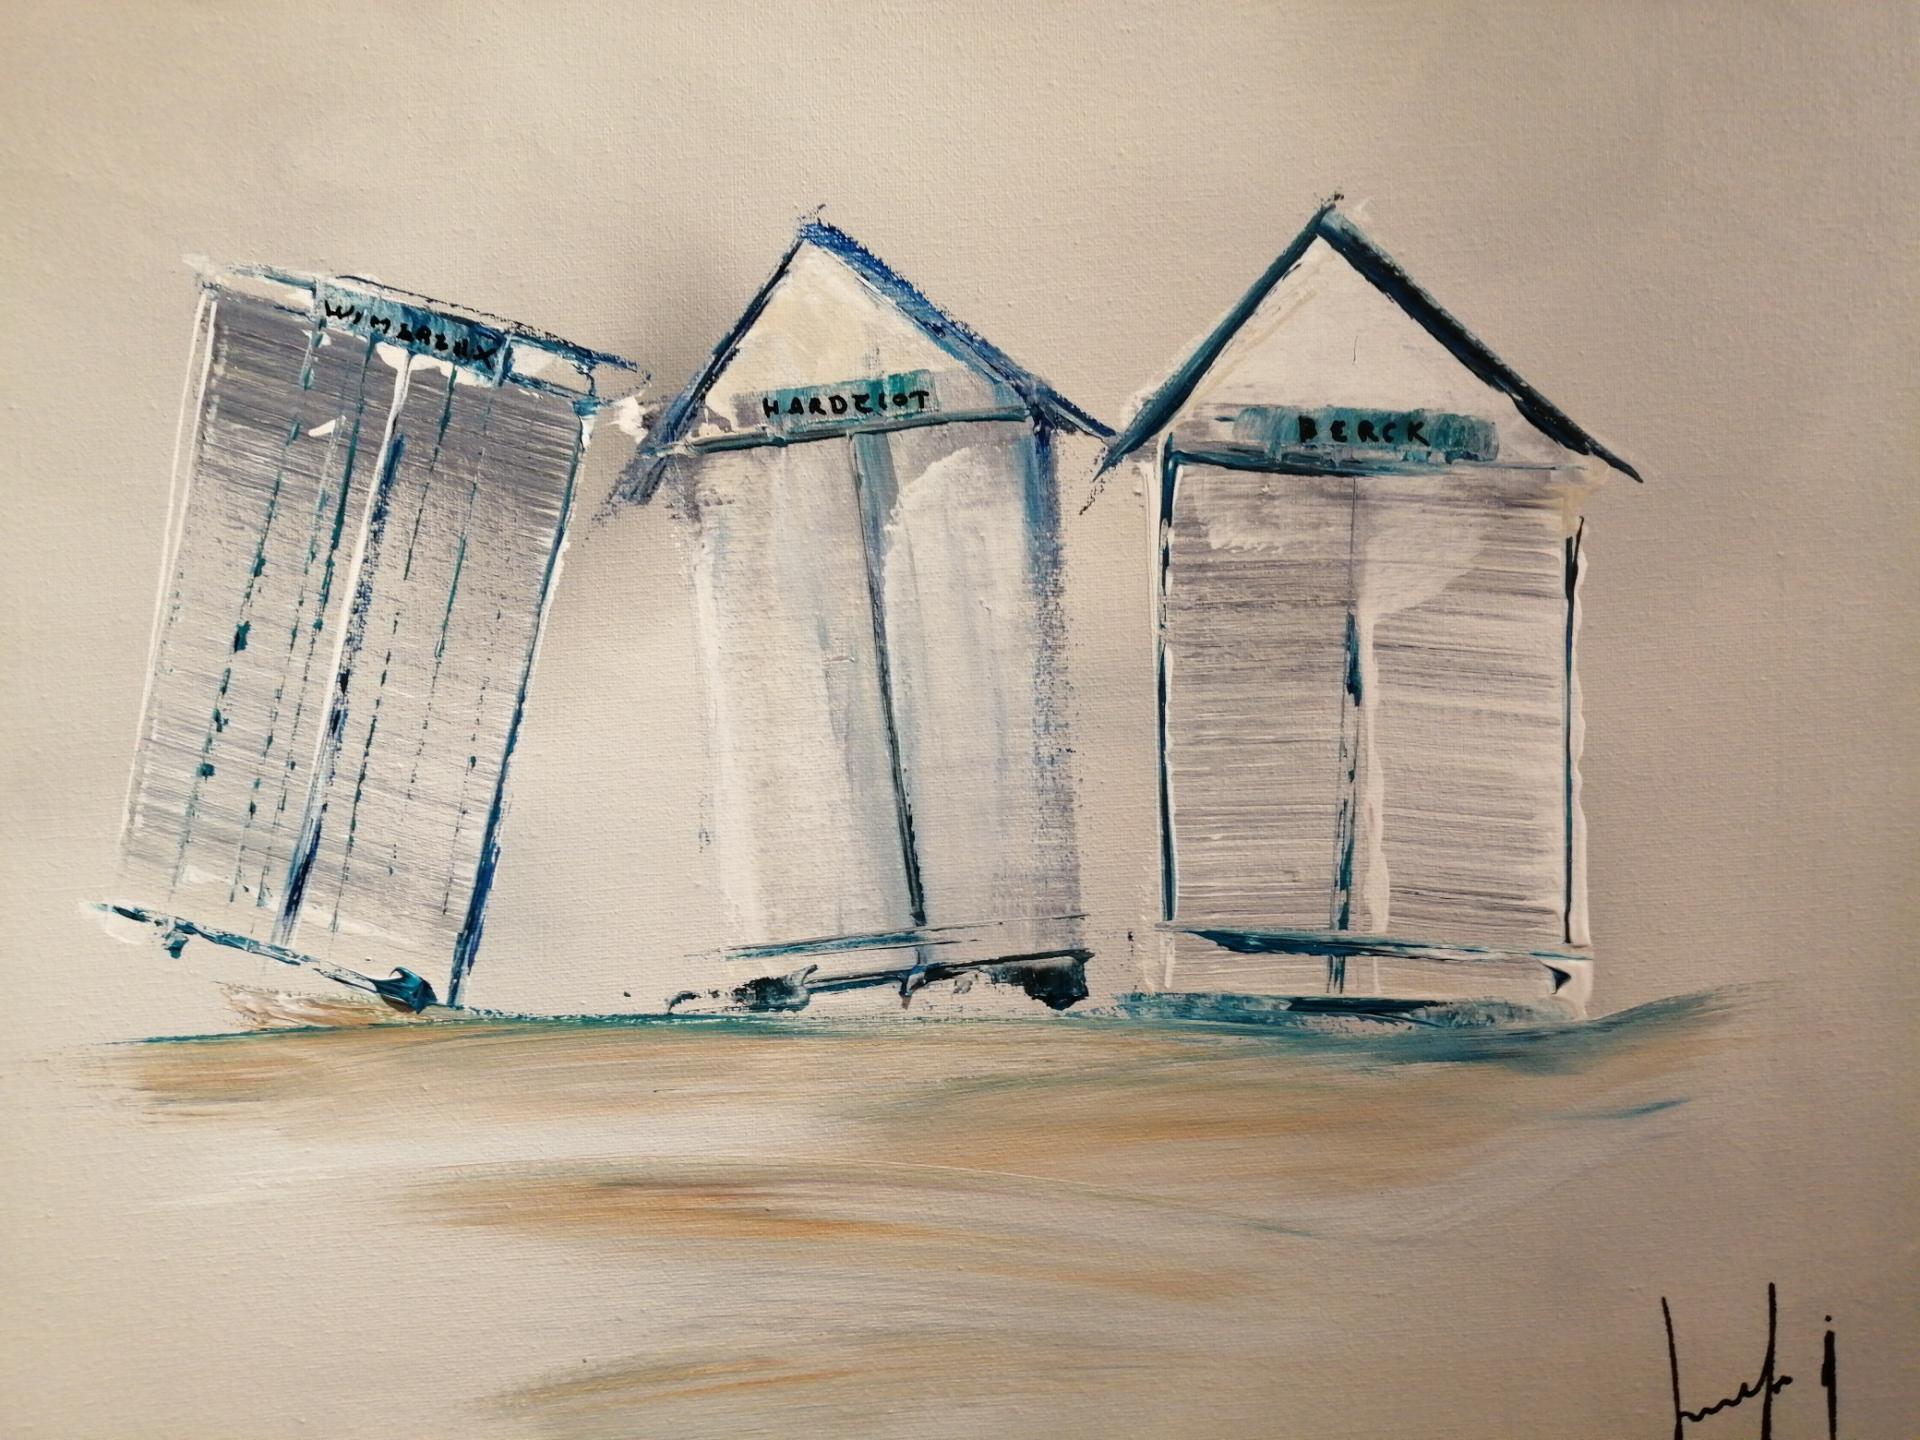 les cabines de plage de wimereux, hardelot et berck